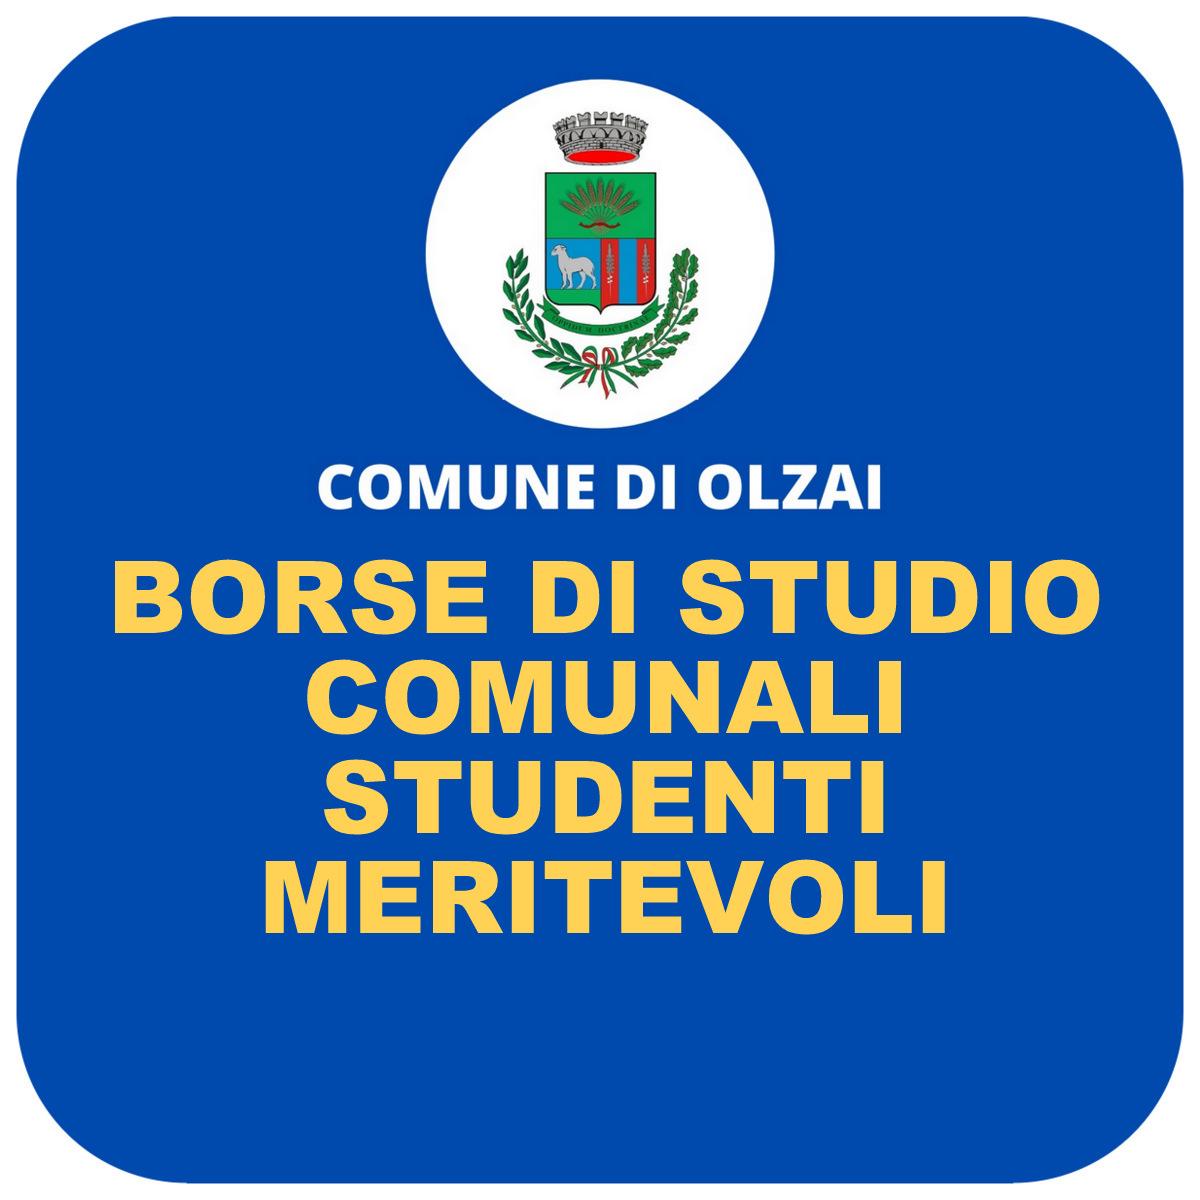 ASSEGNAZIONE BORSE DI STUDIO COMUNALI - STUDENTI MERITEVOLI